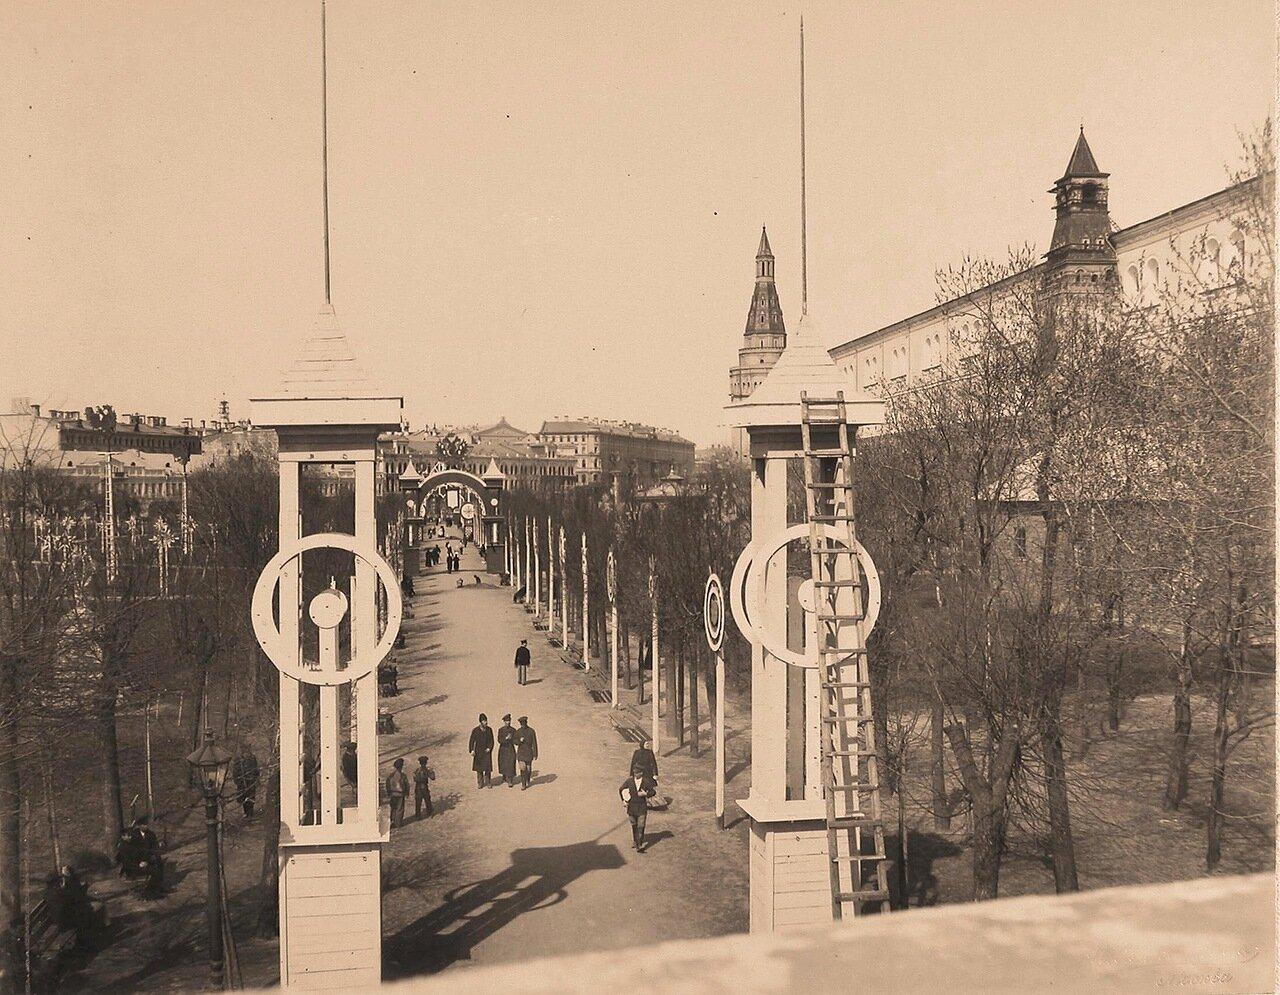 Вид установленных в Александровском саду к торжествам коронации колонн и арок; справа - Средняя Арсенальная башня и Угловая Арсенальная башня Кремля